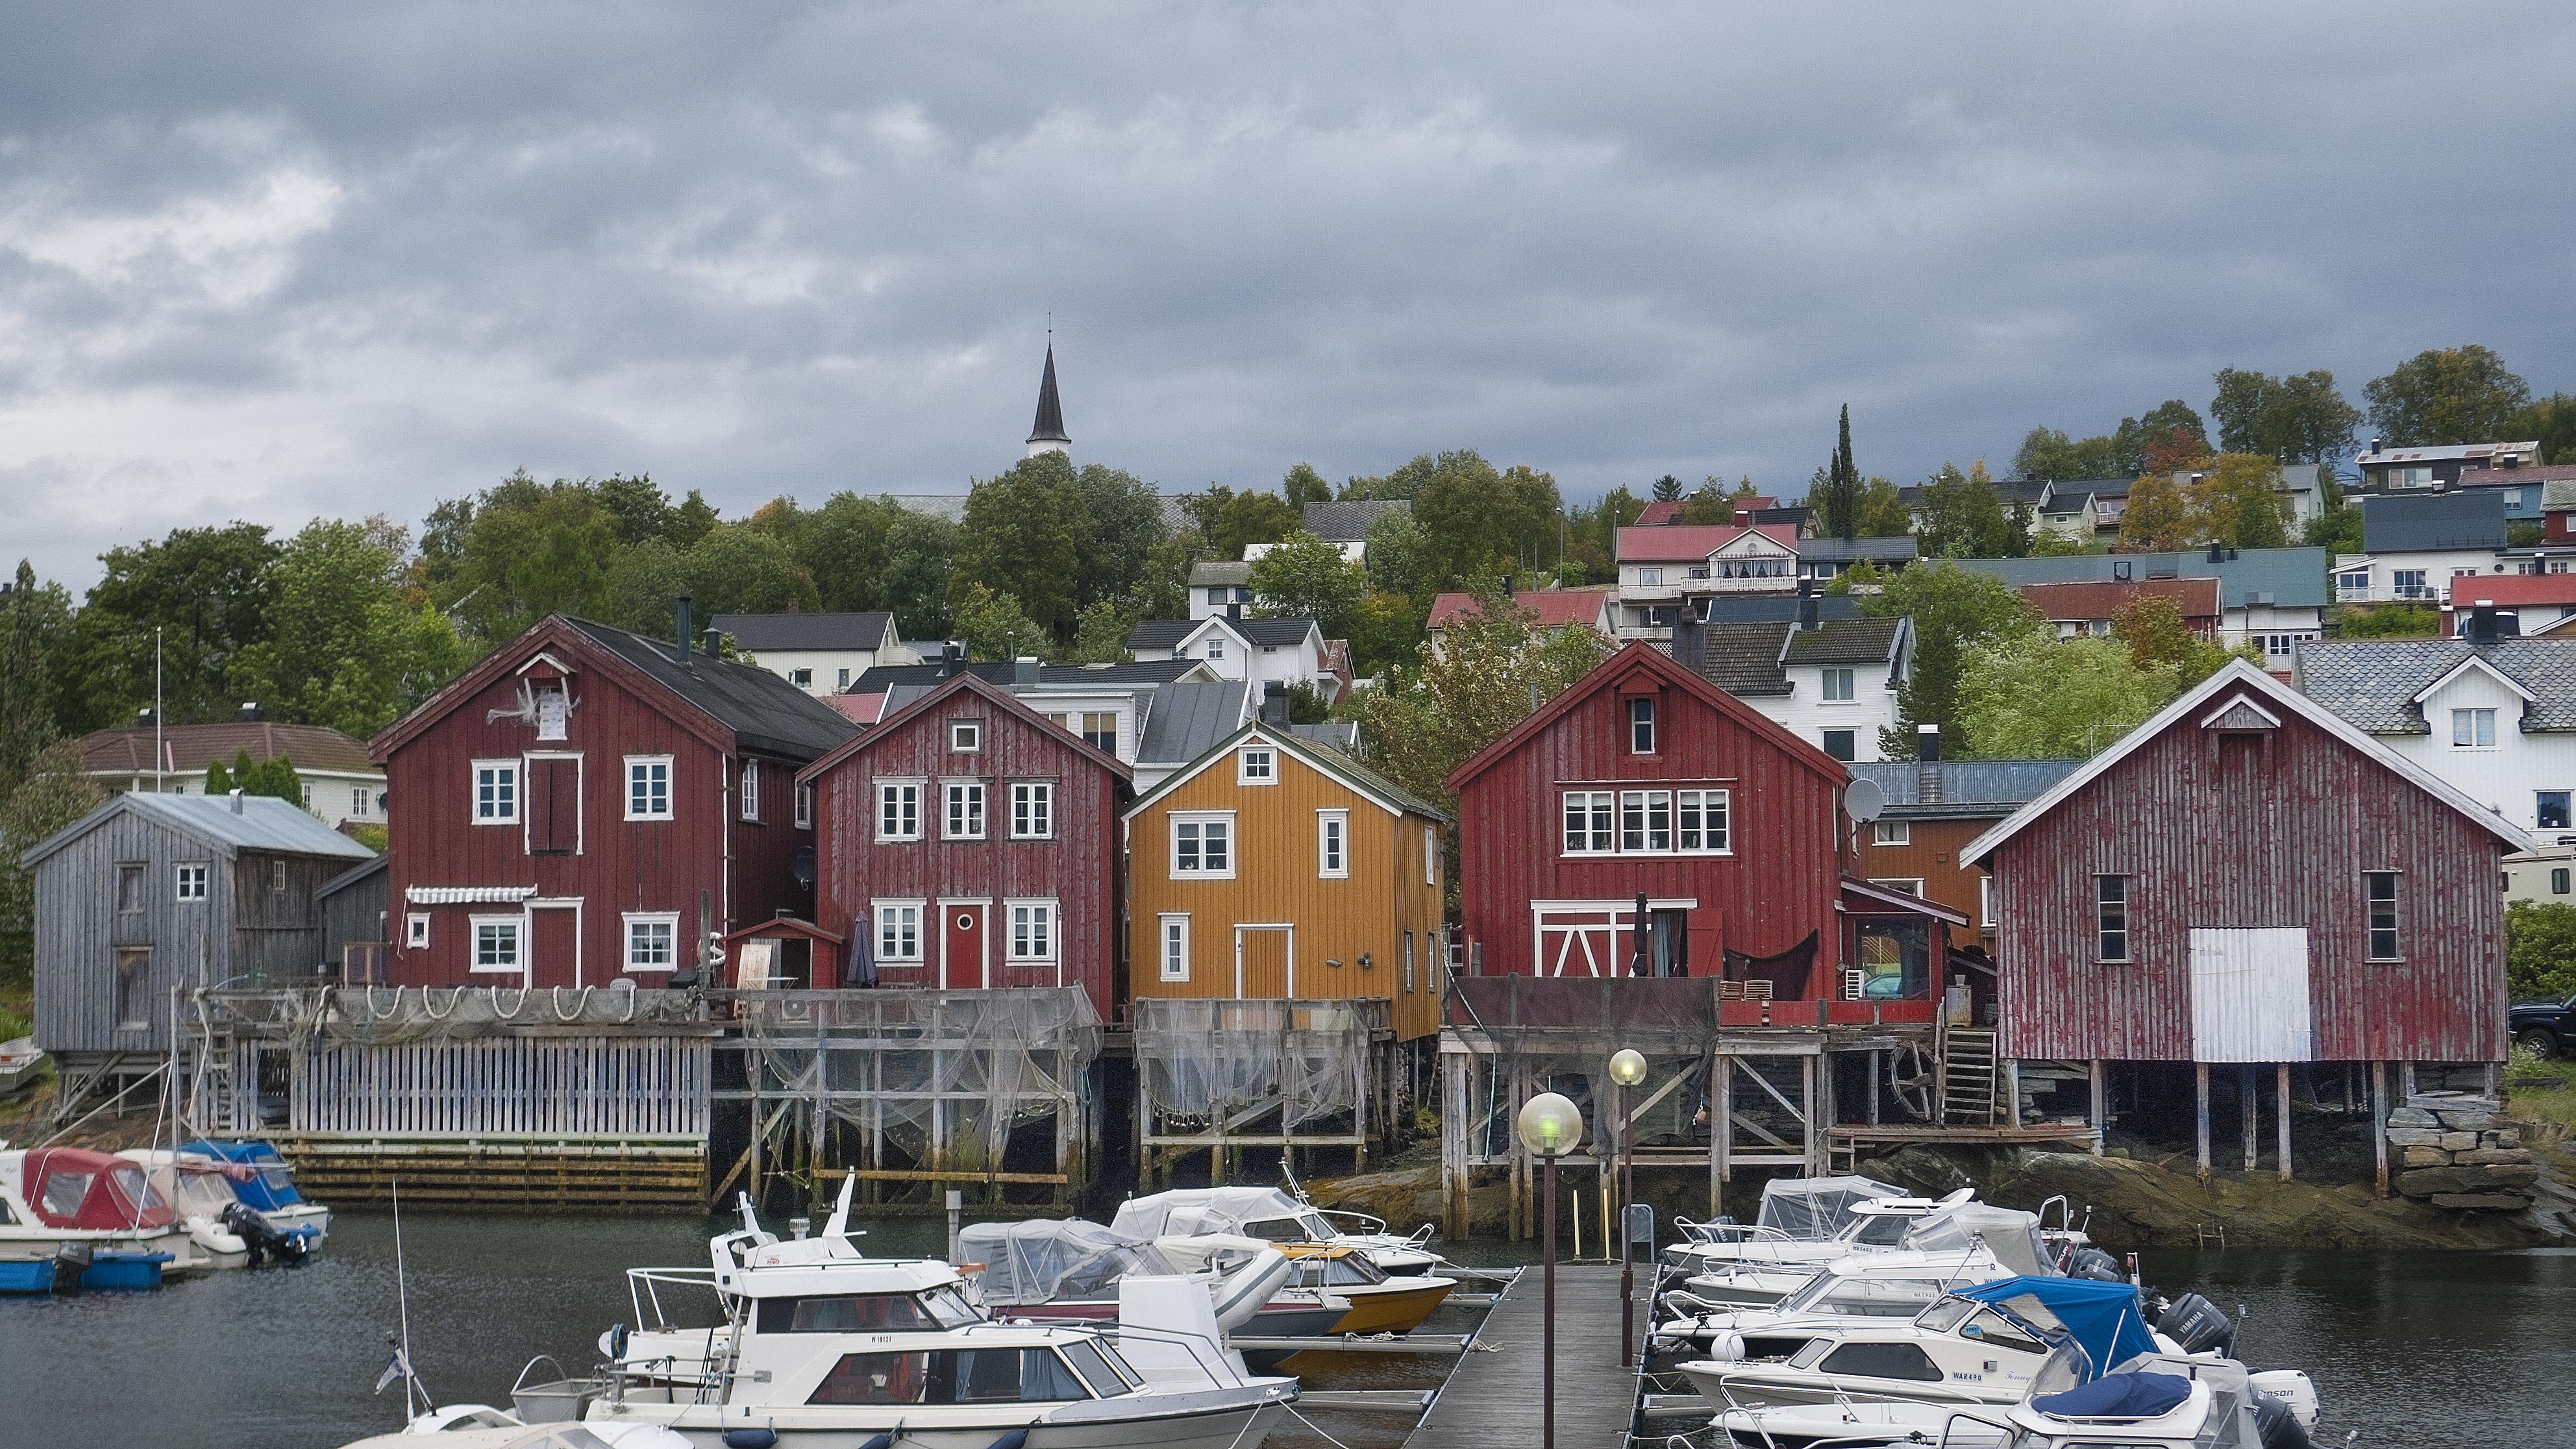 Dating Norway I Hemnes / Vigeland dating steder : Kvinesdal enslig : Hovikoglier